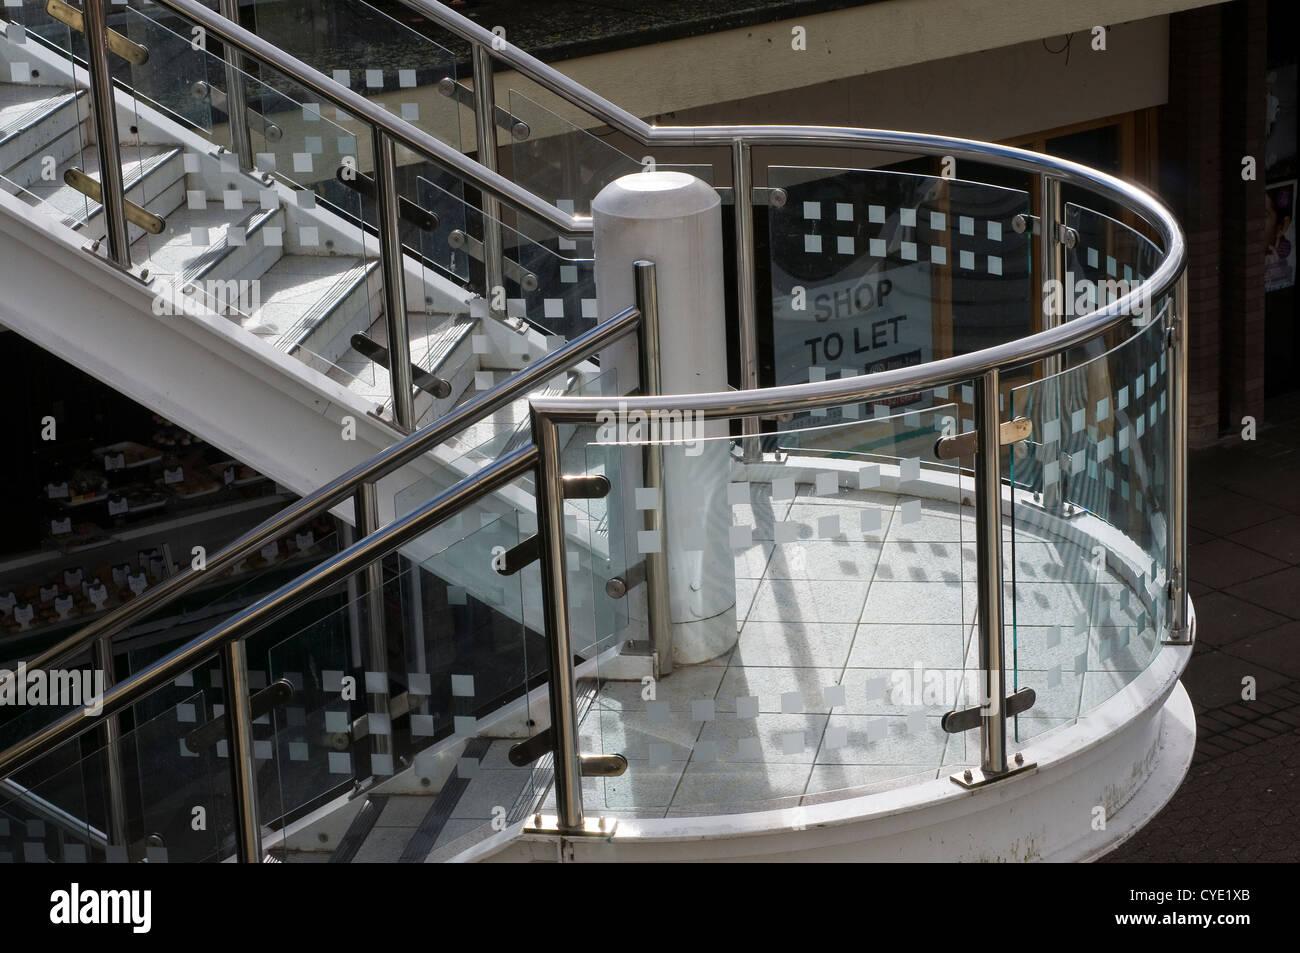 Laden Zu Vermieten, Architektur, Wintergarten, Design, Glas, Indoor, Modern,  Dach, Treppe, Treppe, Schritt, Struktur